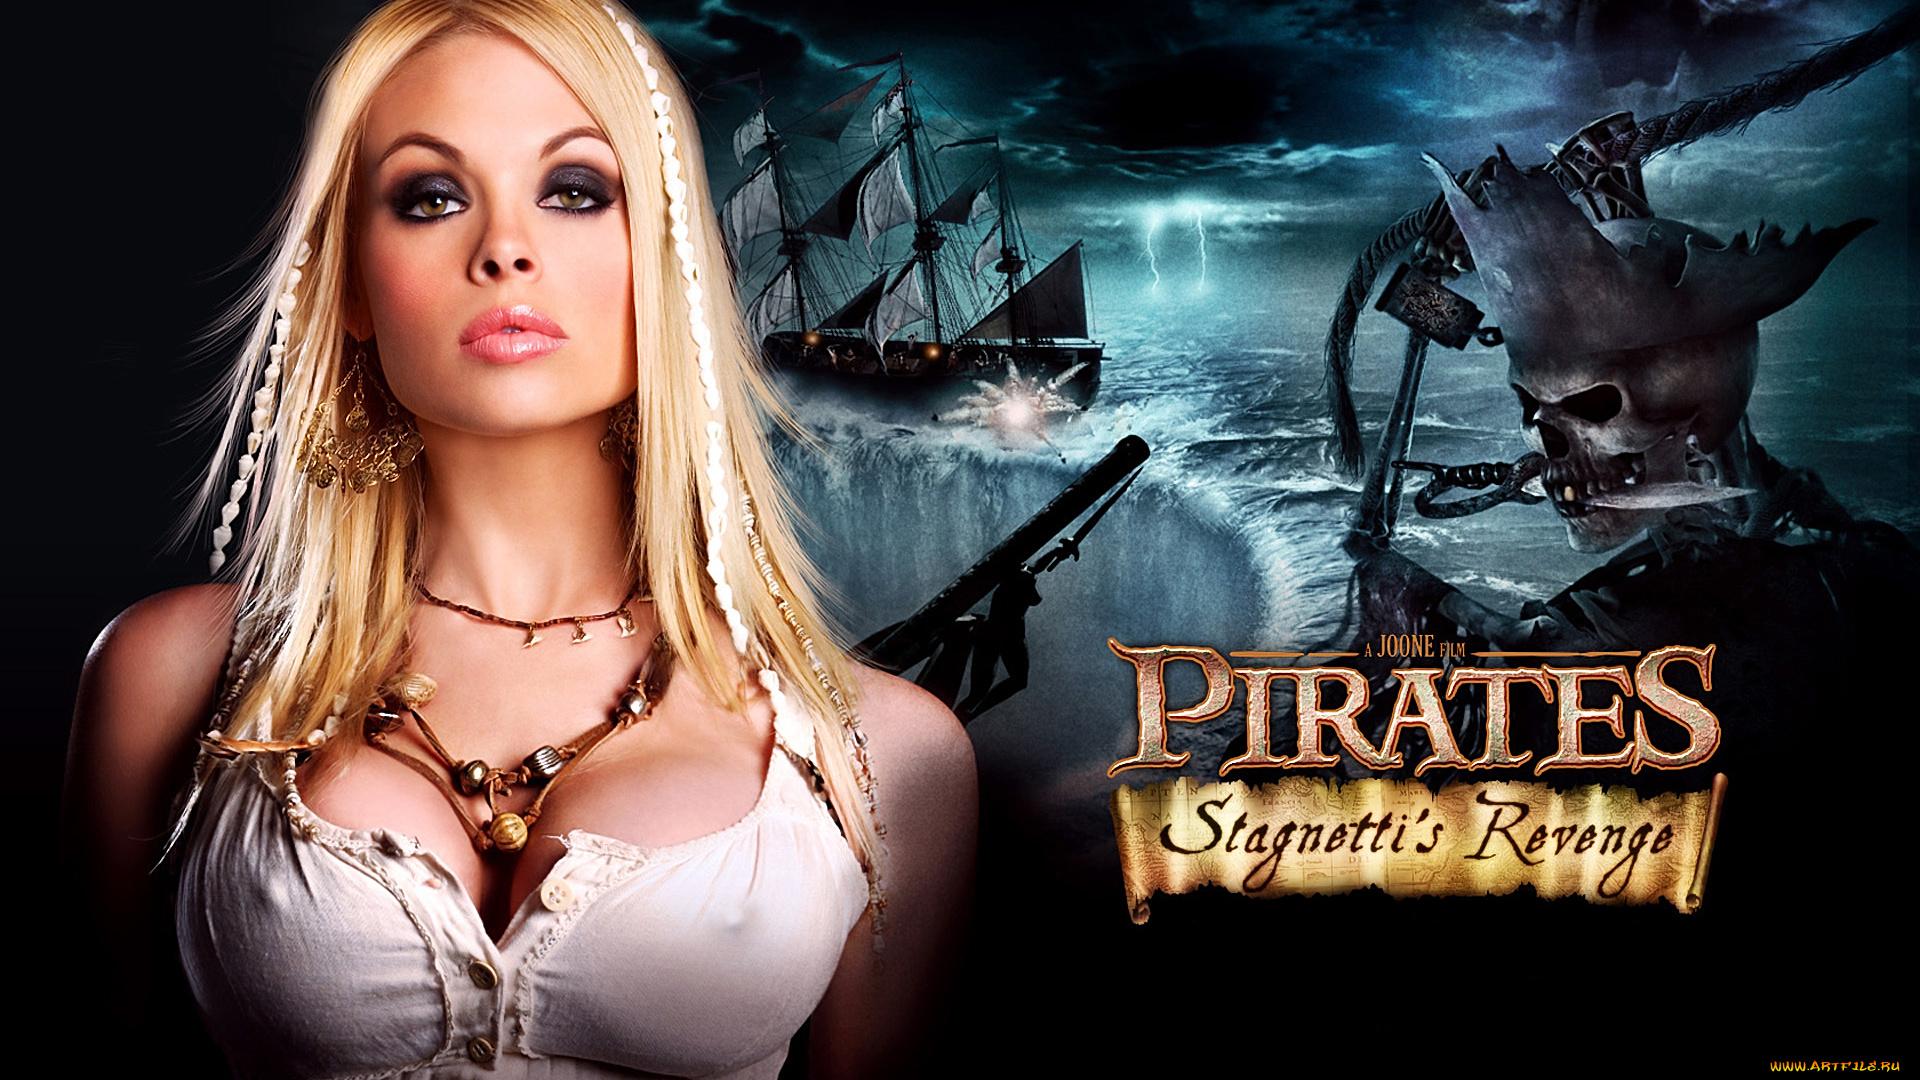 pirati-karibskogo-morya-i-golaya-blondinka-foto-samaya-seksualnaya-chast-muzhskogo-tela